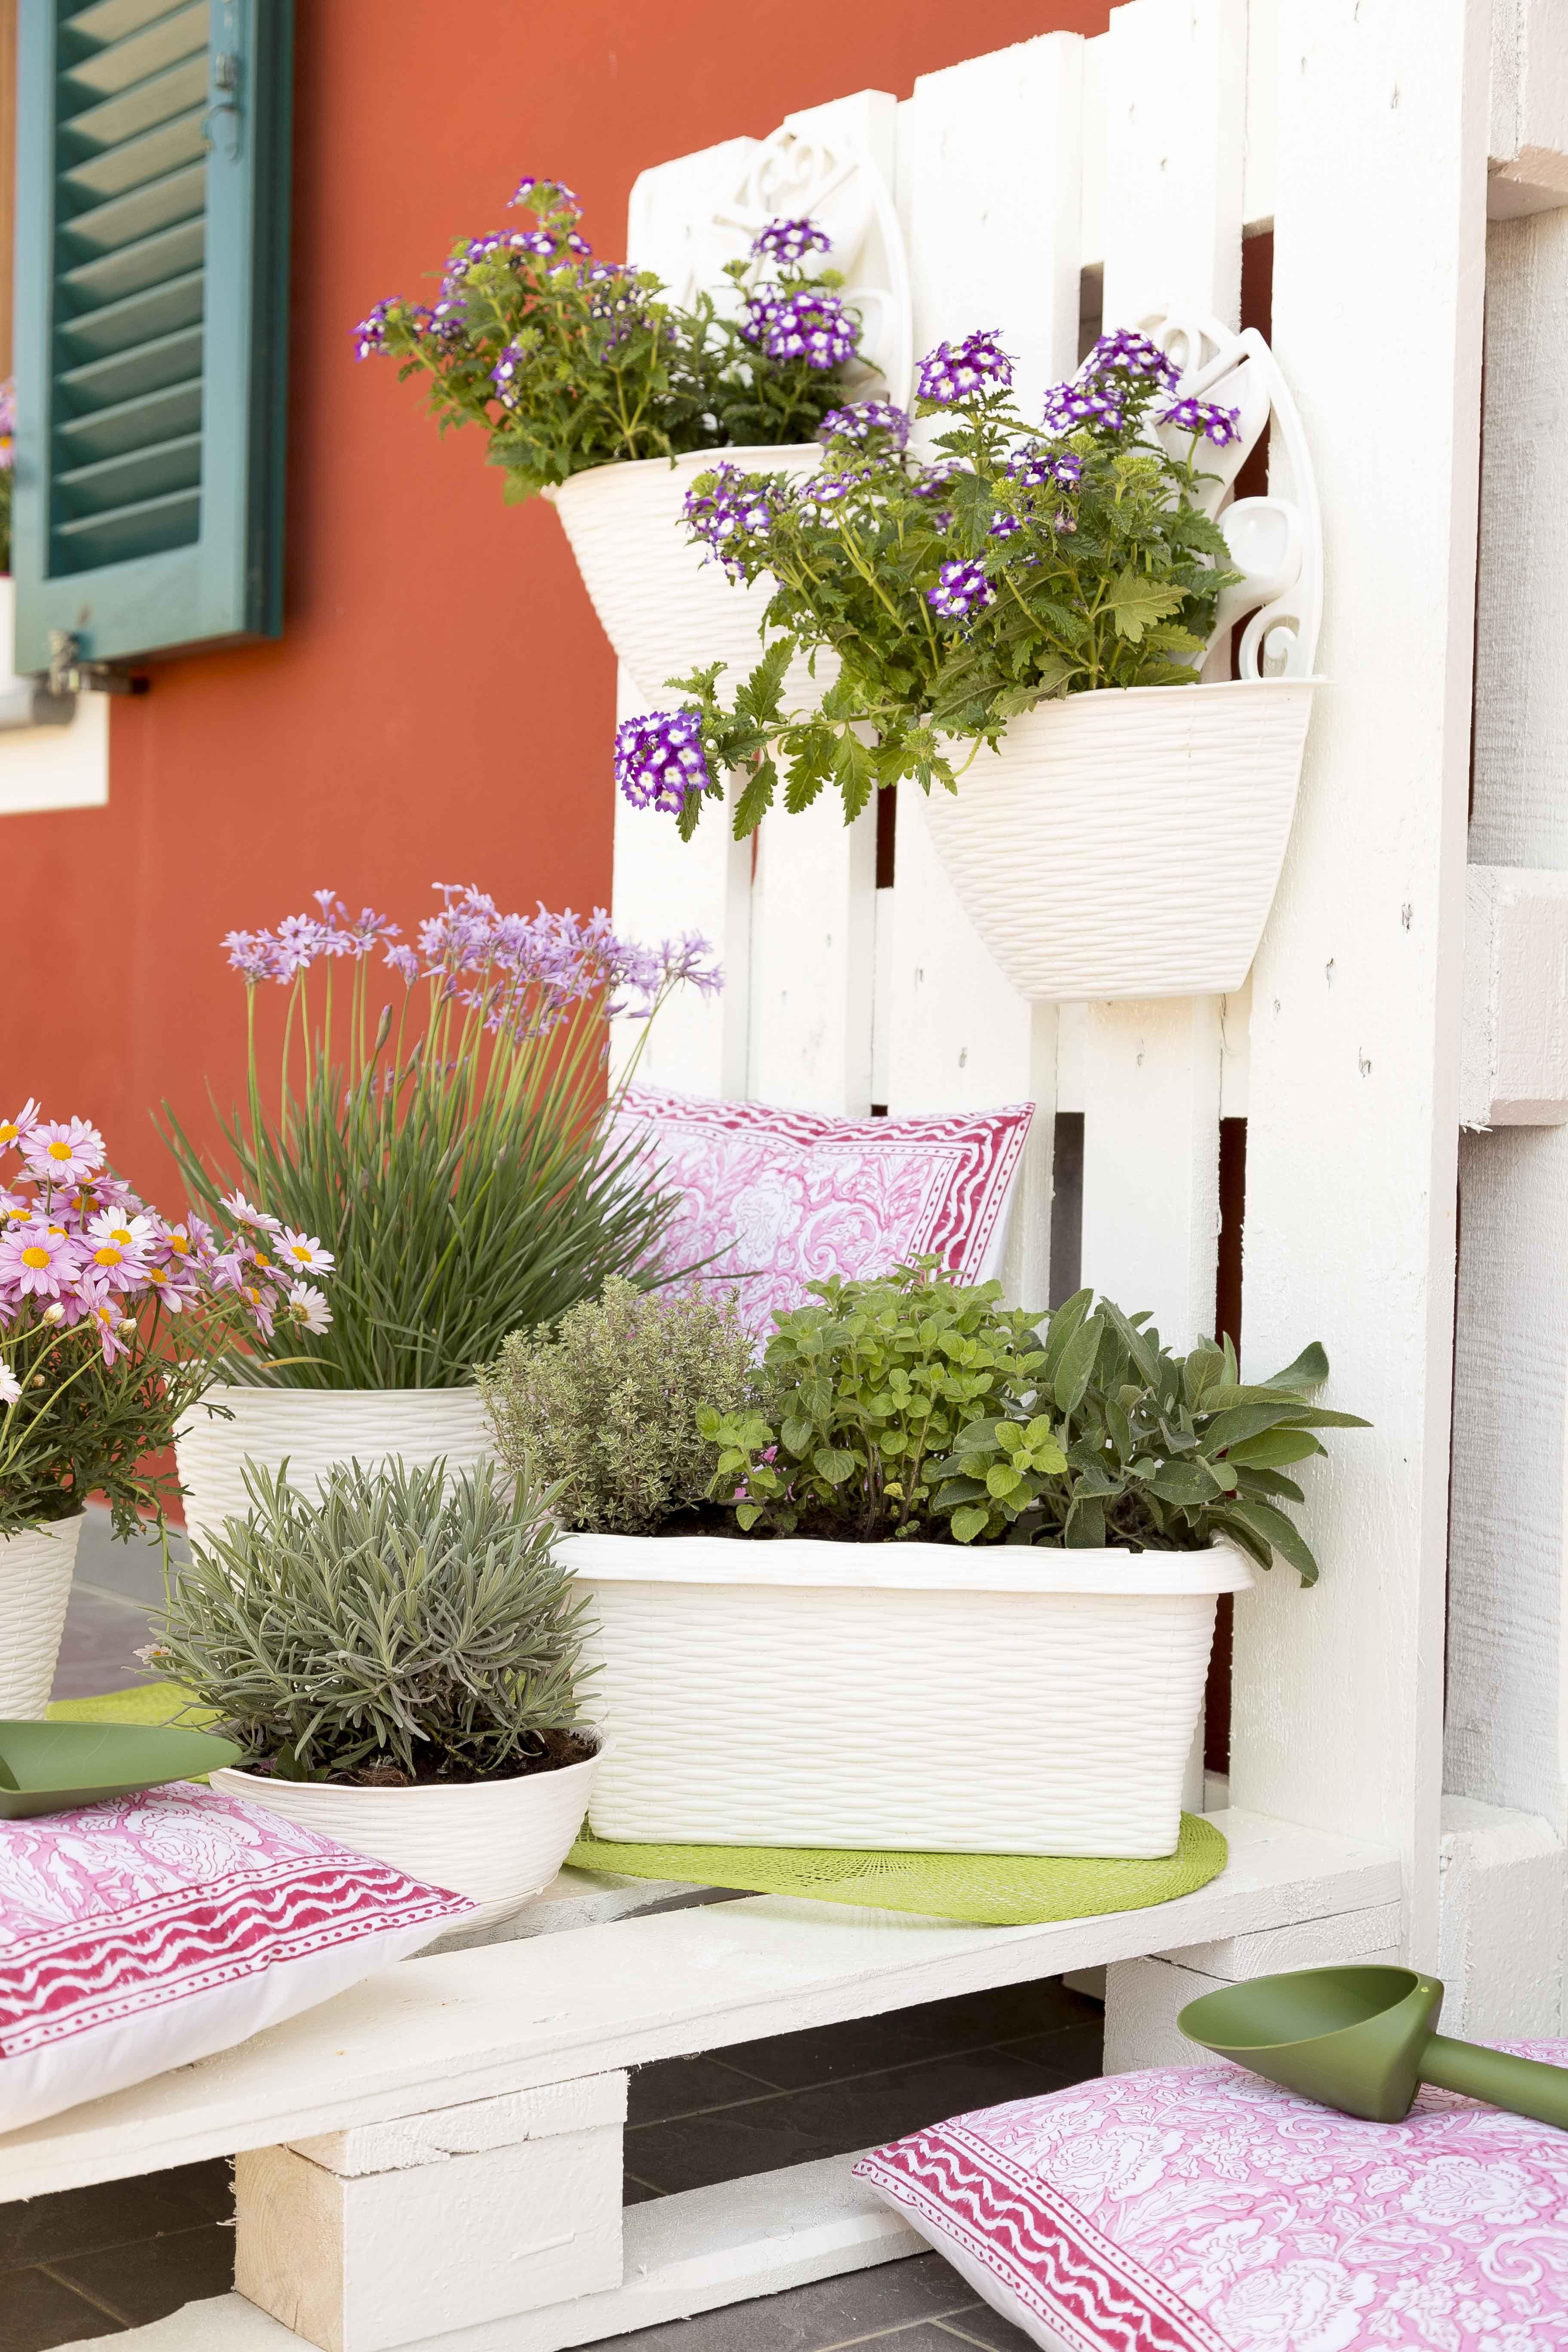 Le fioriere e i portavasi della linea paglia sono pratici for Portavasi da balcone